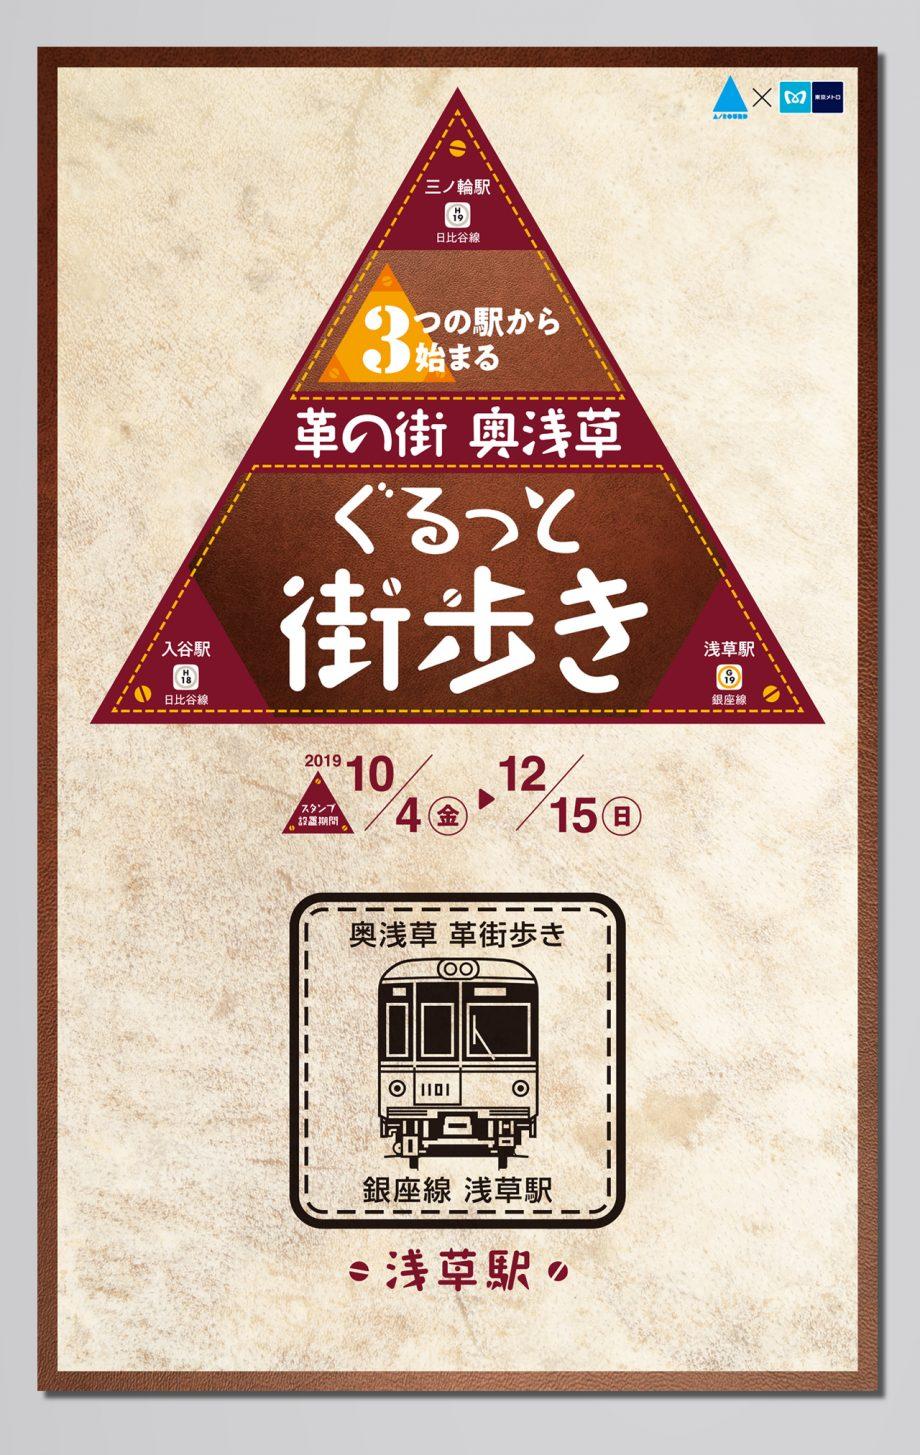 1280x1280+_basekawamachi02